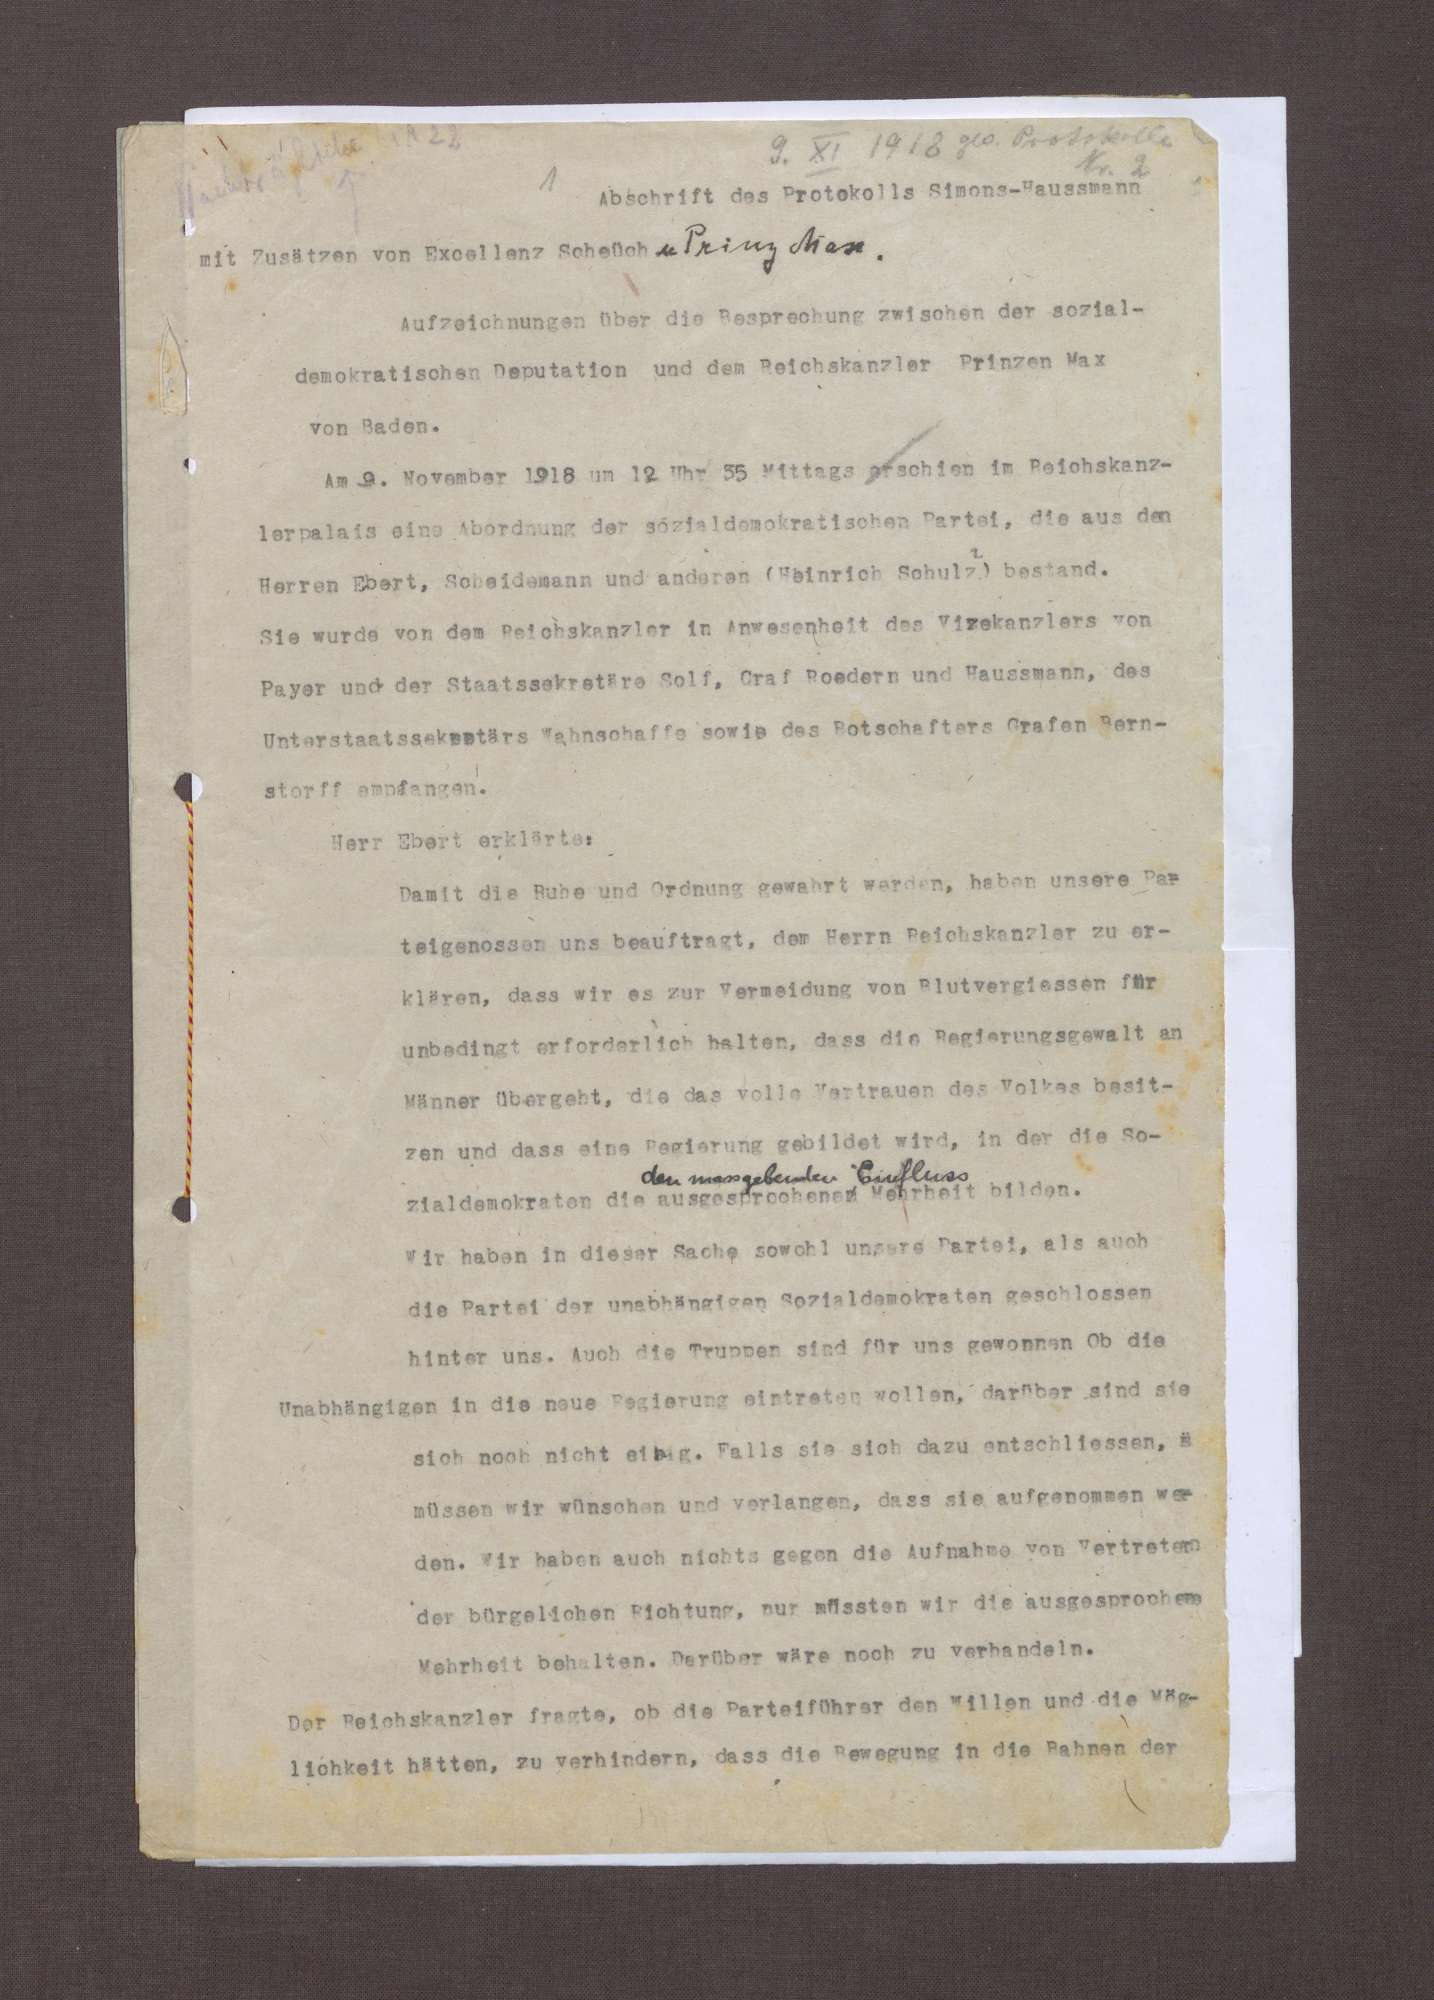 Aufzeichnung über die Besprechung zwischen der sozialdemokratischen Deputation und dem Reichskanzler Prinz Max von Baden, aus dem Gedächtnis aufgezeichnet von Staatssekretär Haußmann und Geheimrat Simons, Bild 1